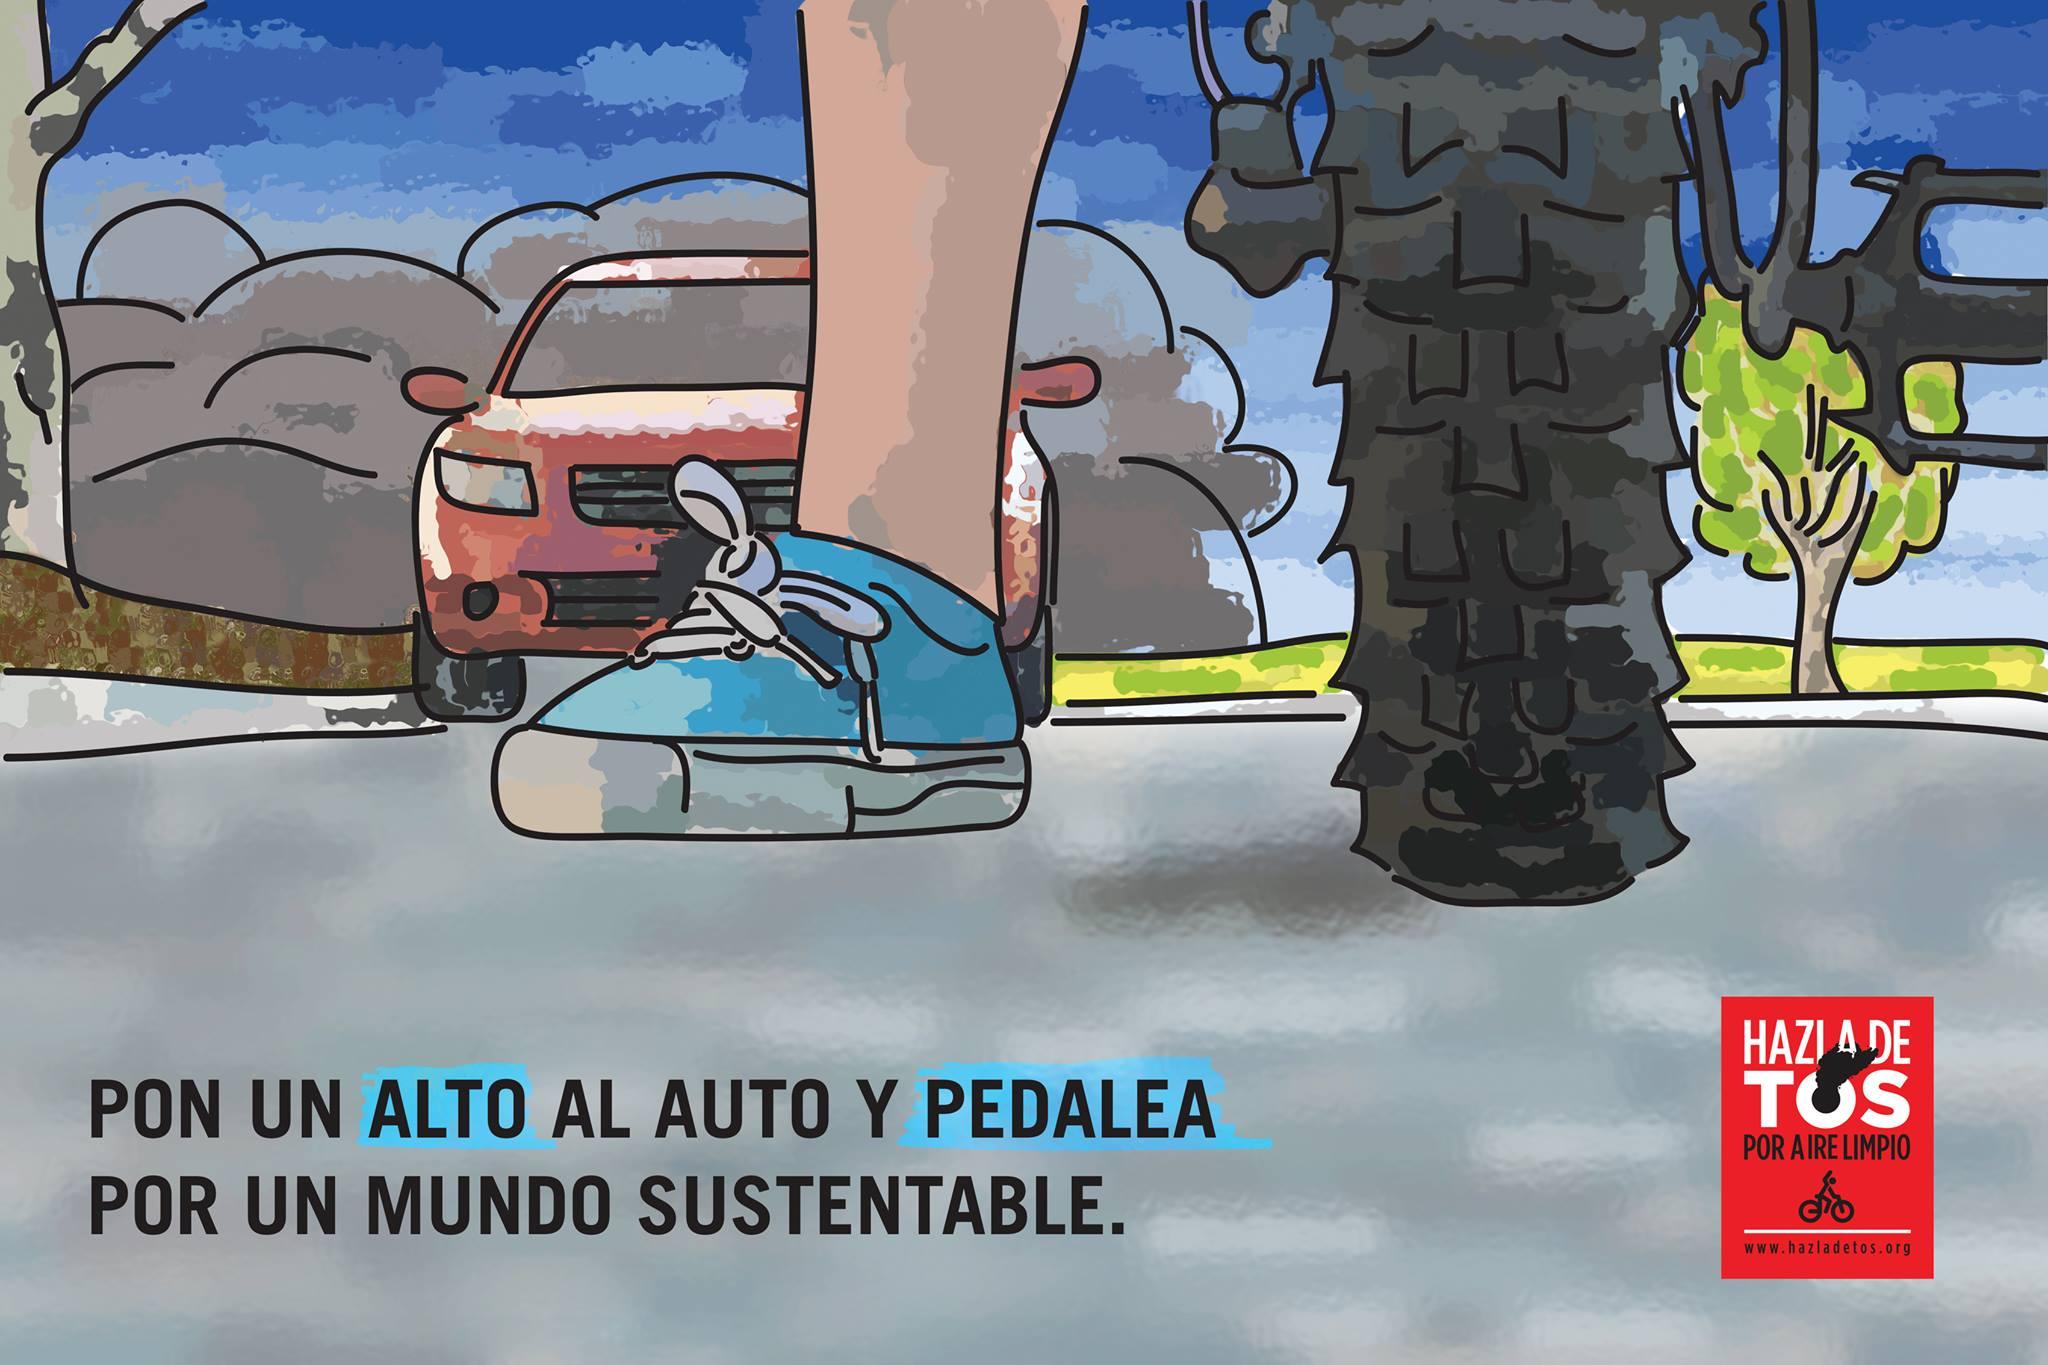 Pon un alto al auto y pedalea por un mundo sustentable